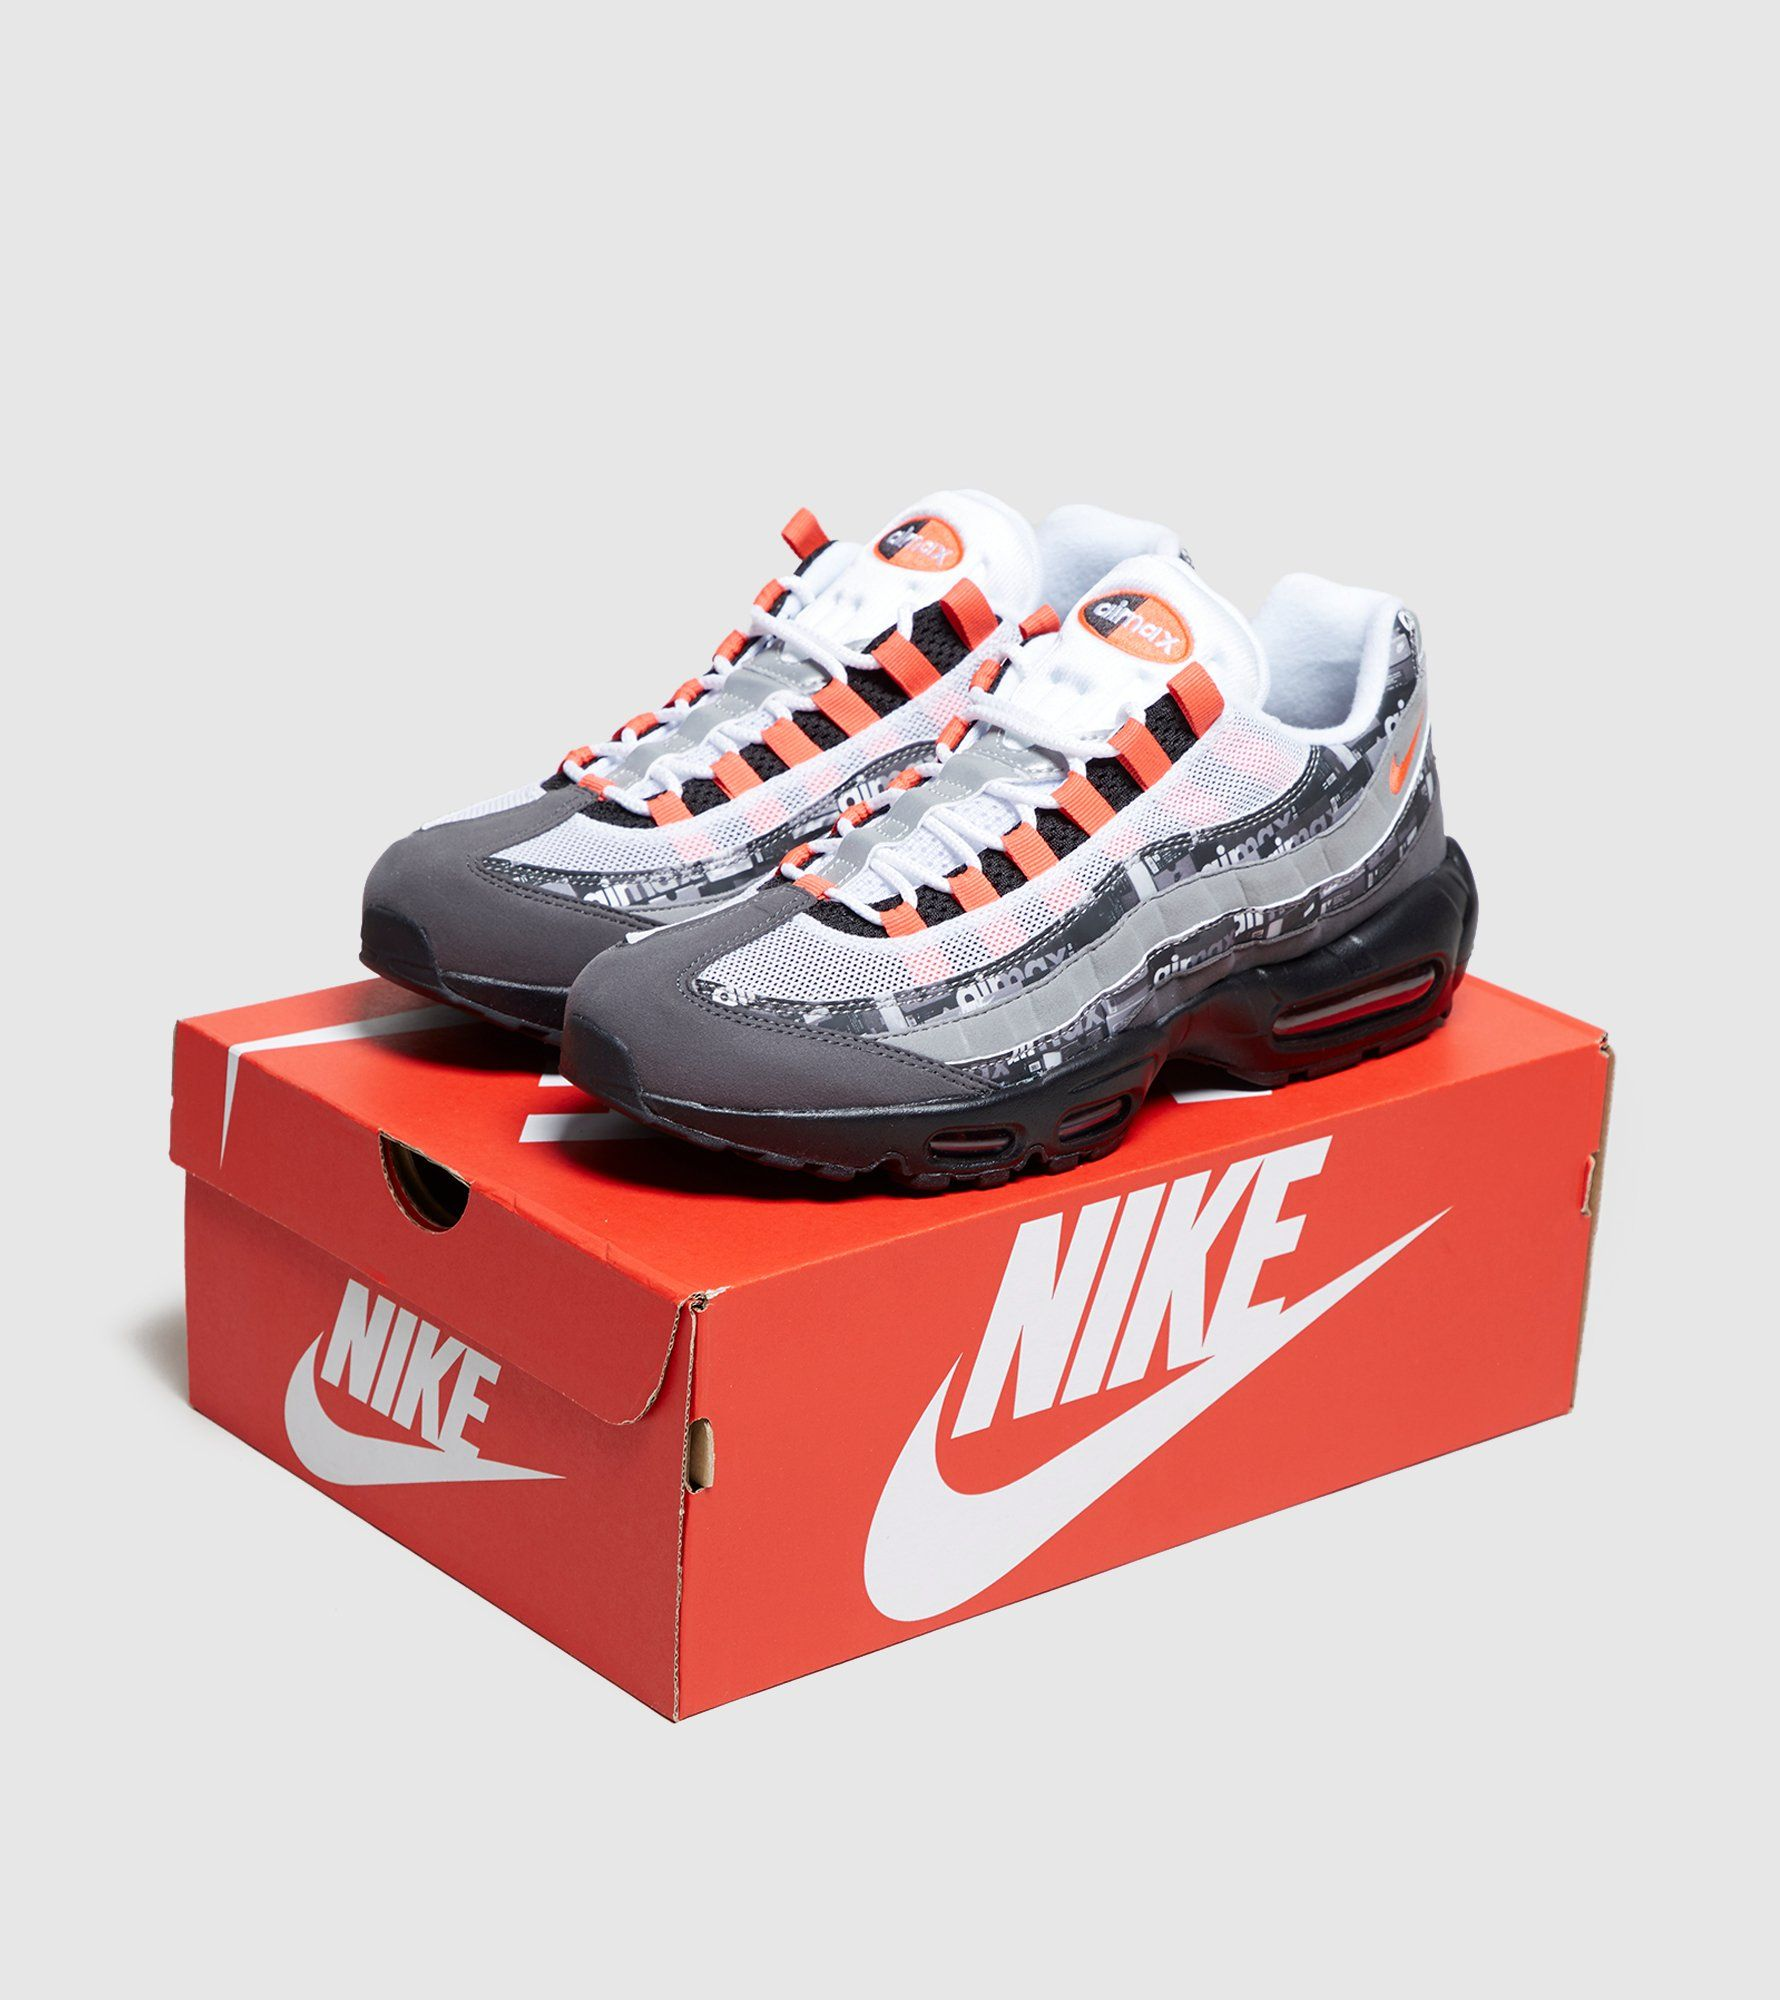 Nike x atmos Air Max 95 'We Love Nike'